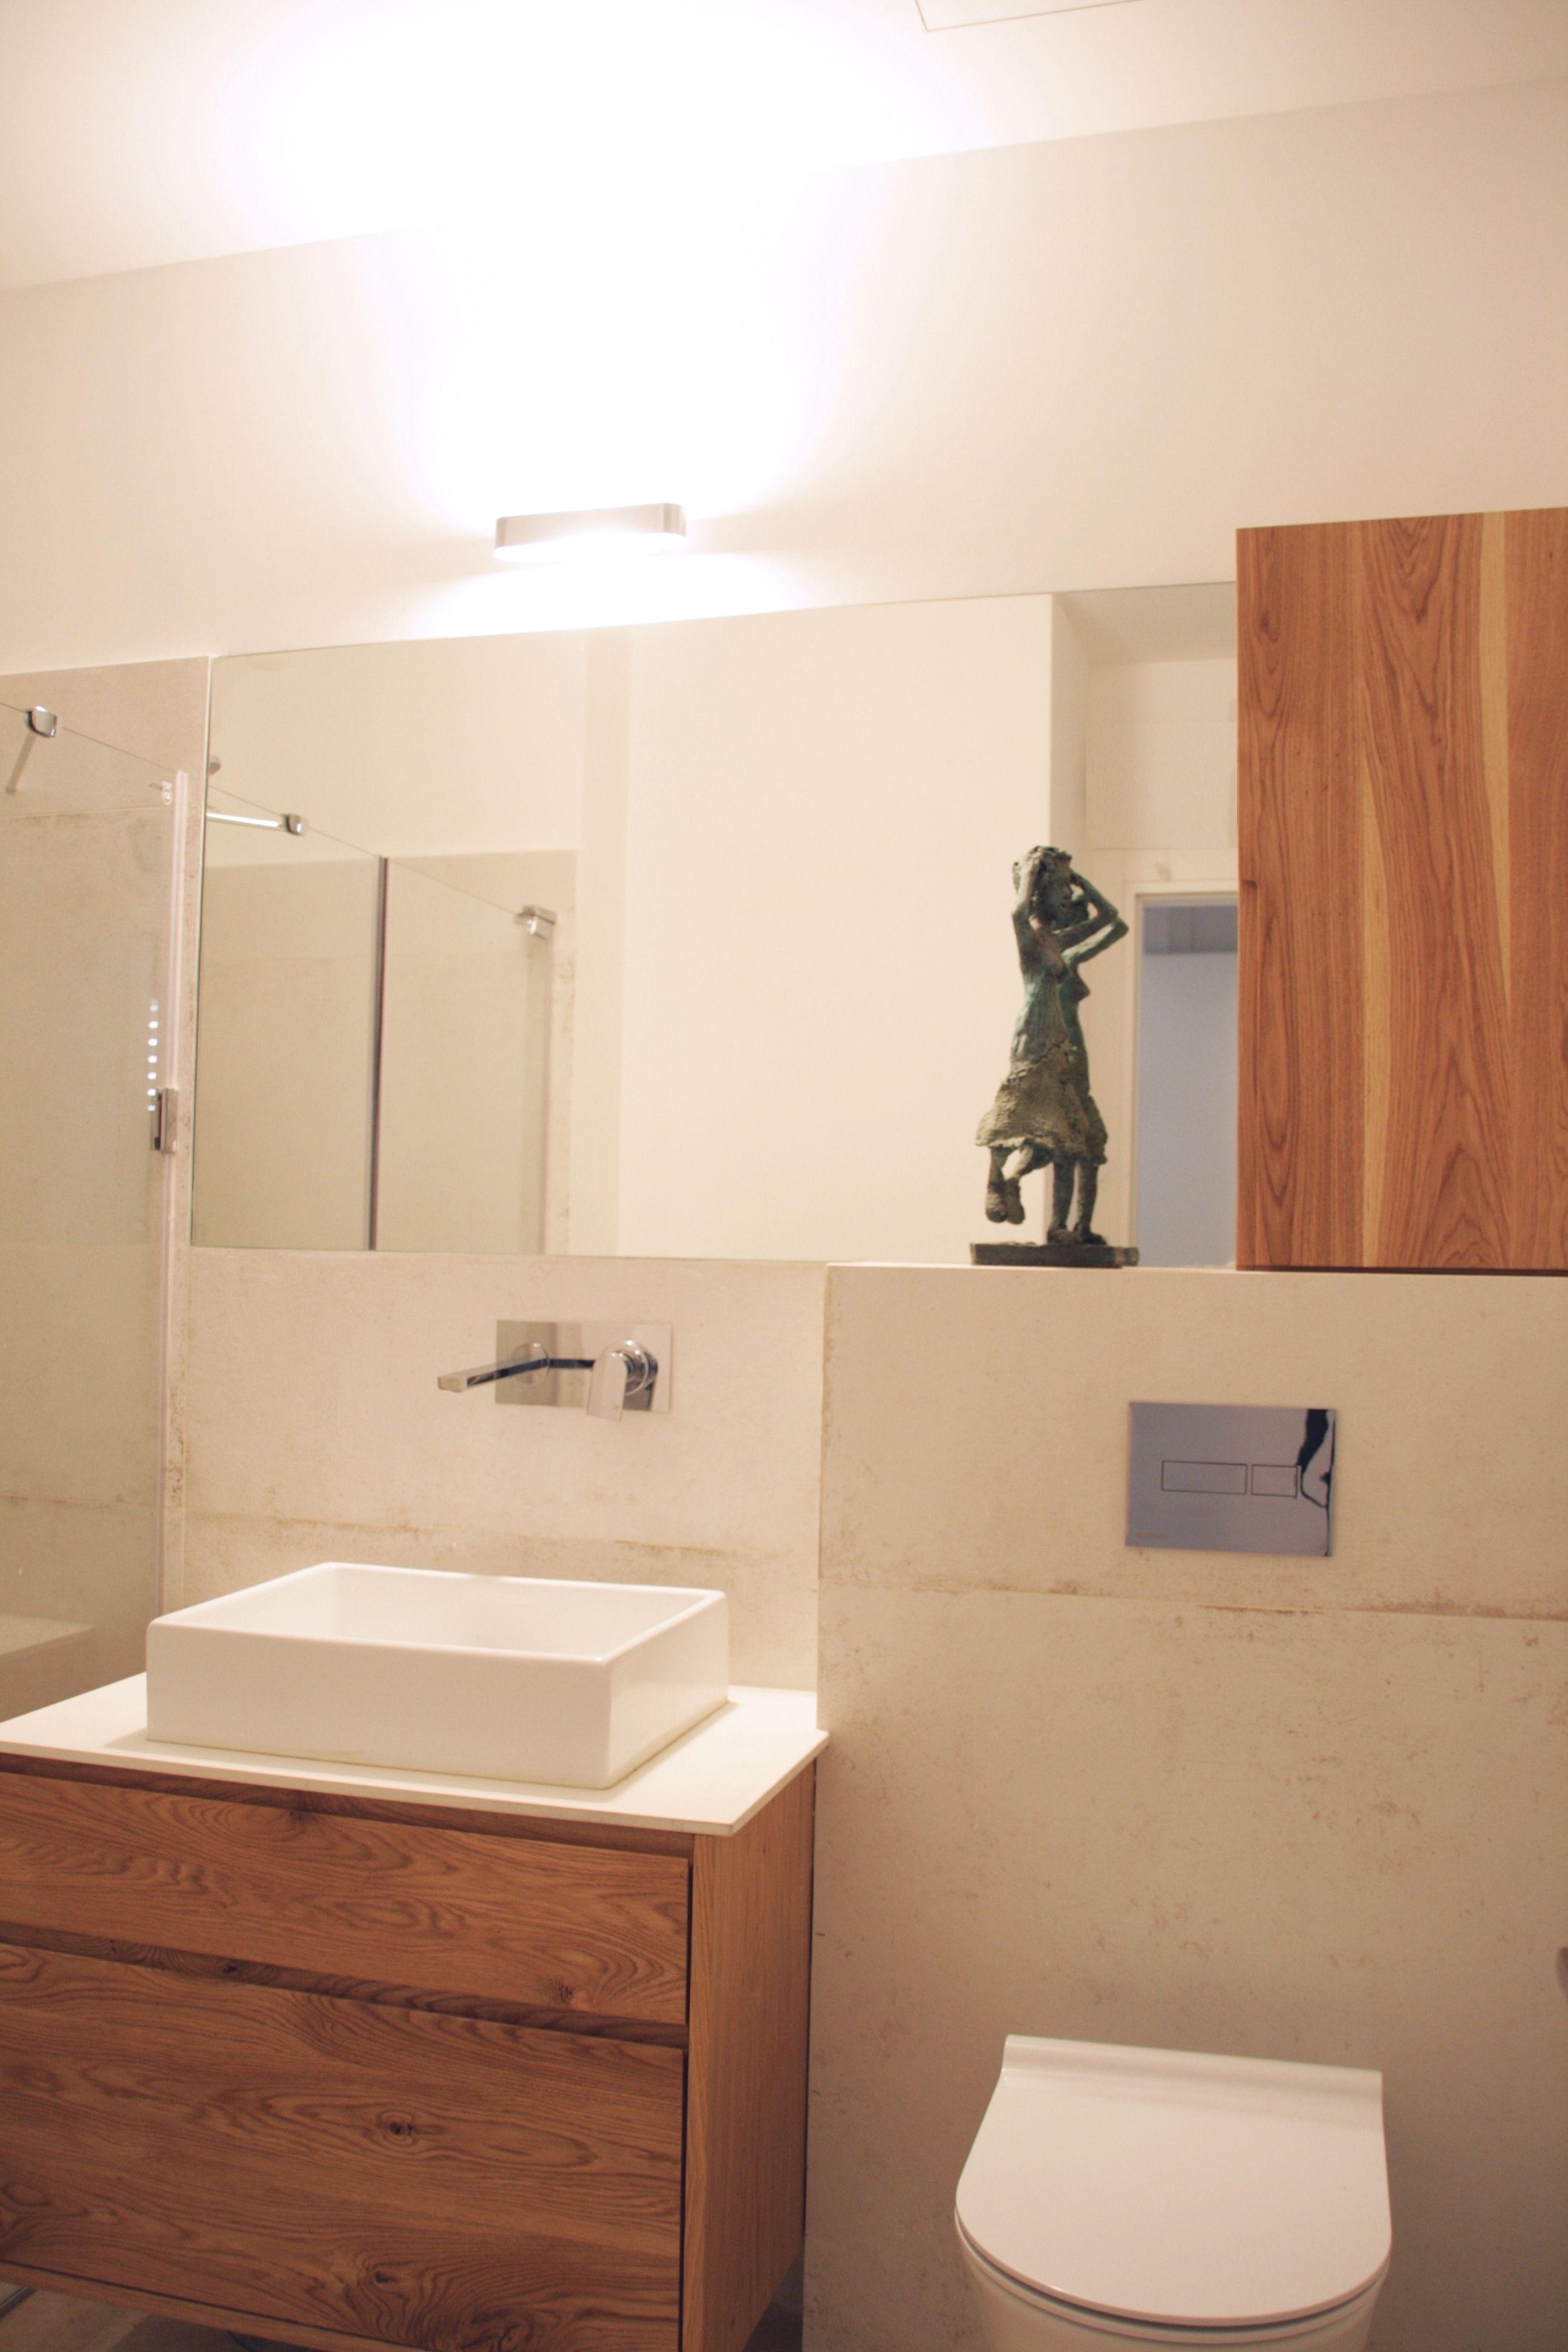 תכנון מקלחת הורים. נגרות בהזמנה